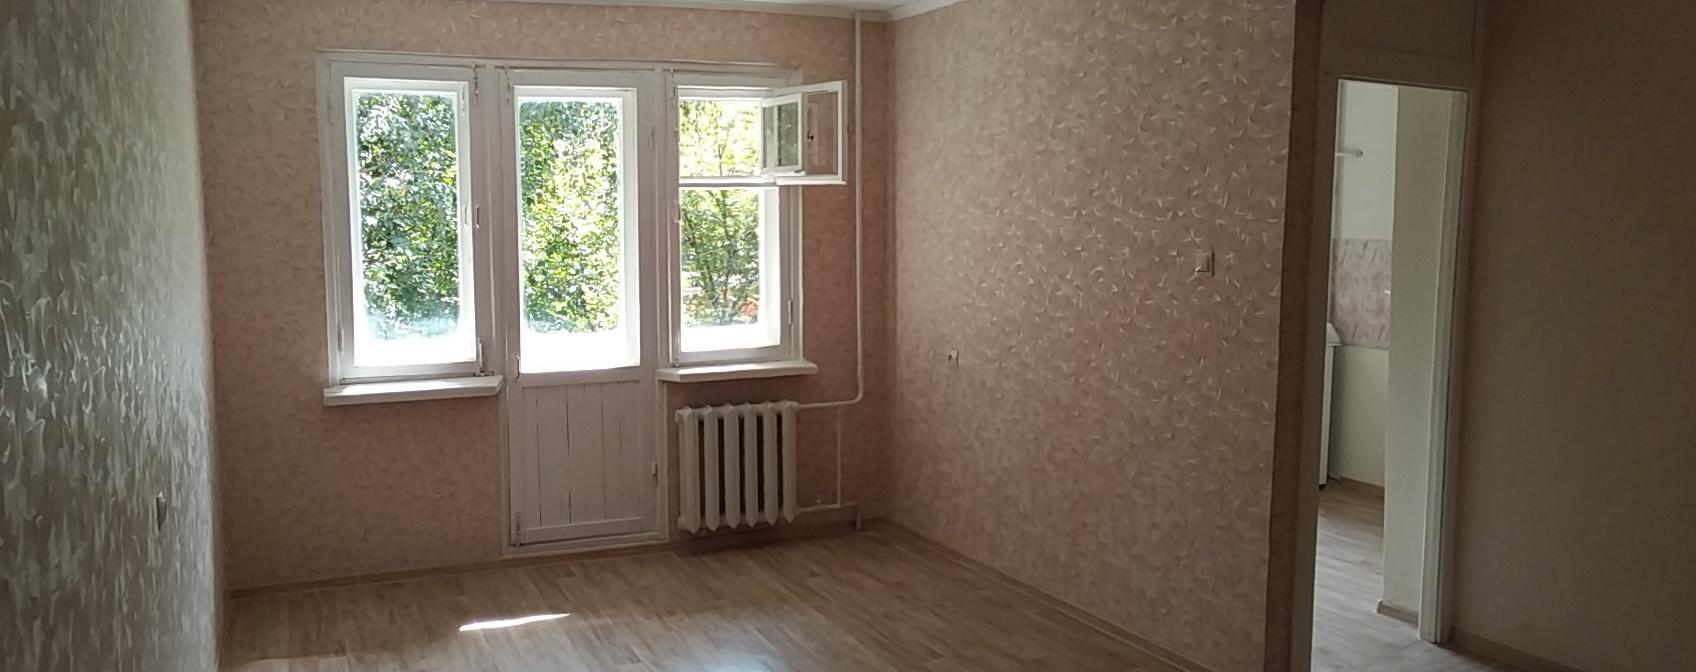 г. Владимир, Белоконской ул., 17, 1-к. квартира на продажу